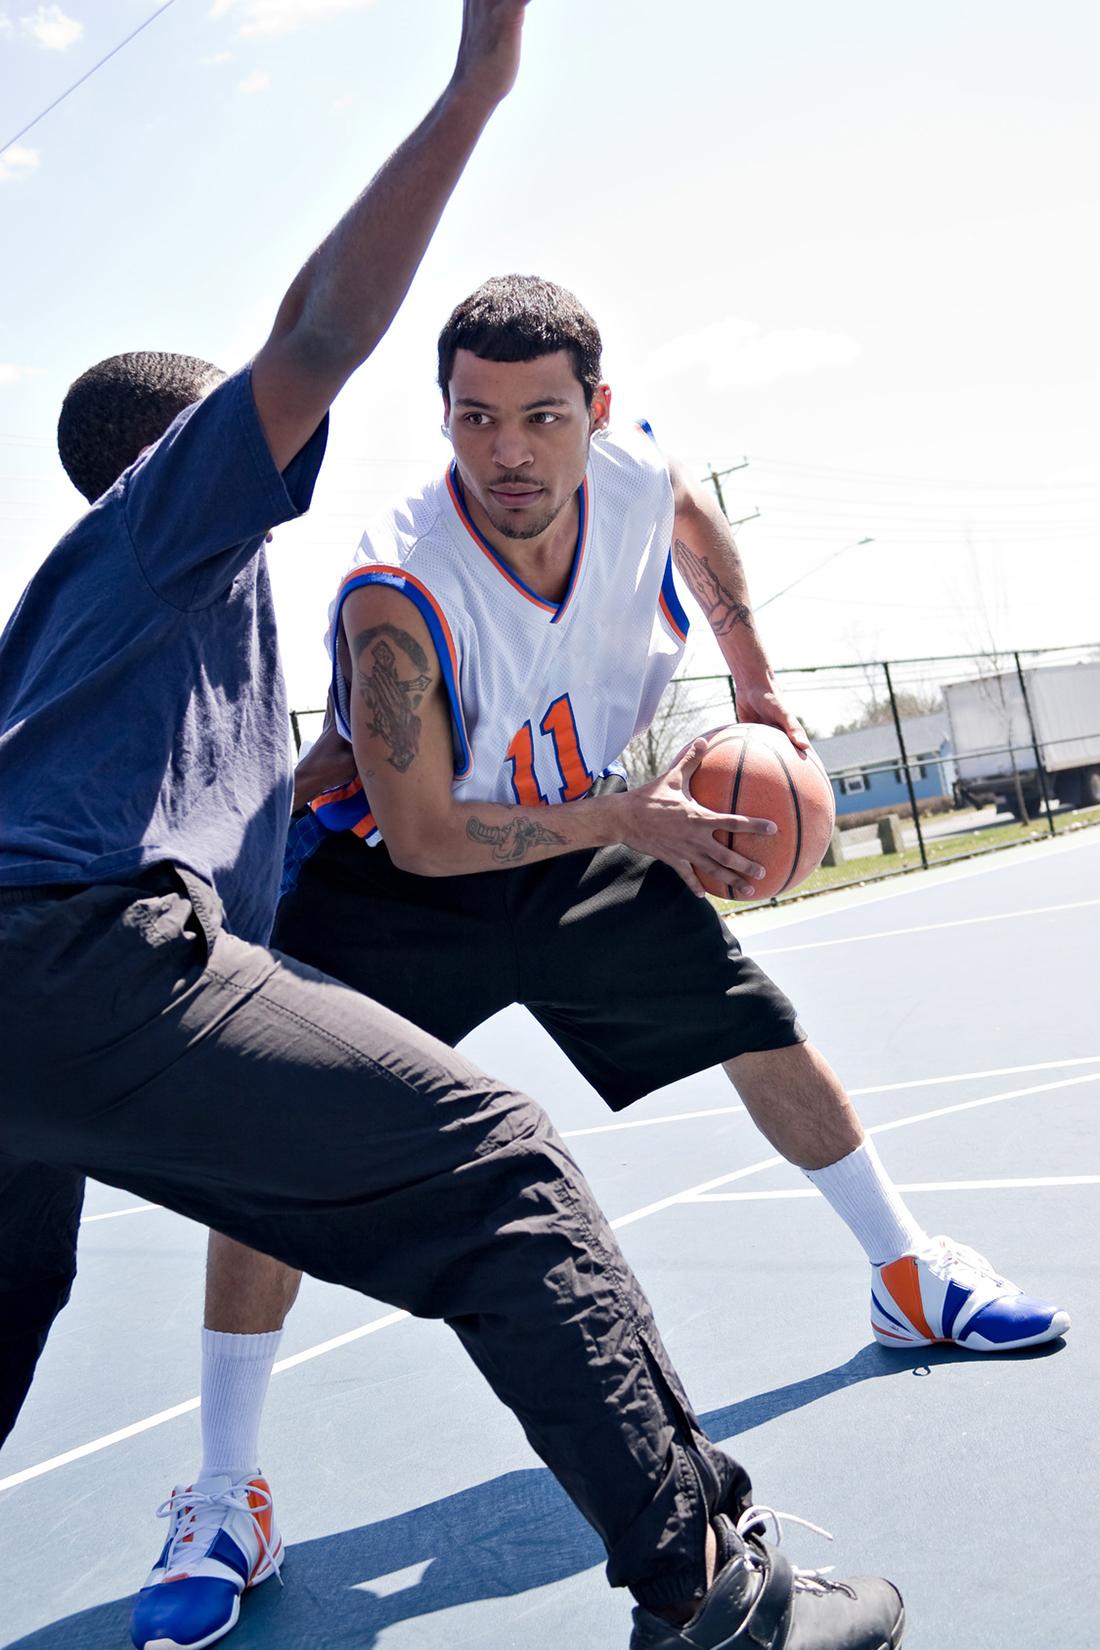 Mejora tu ofensiva en el basquetbol.